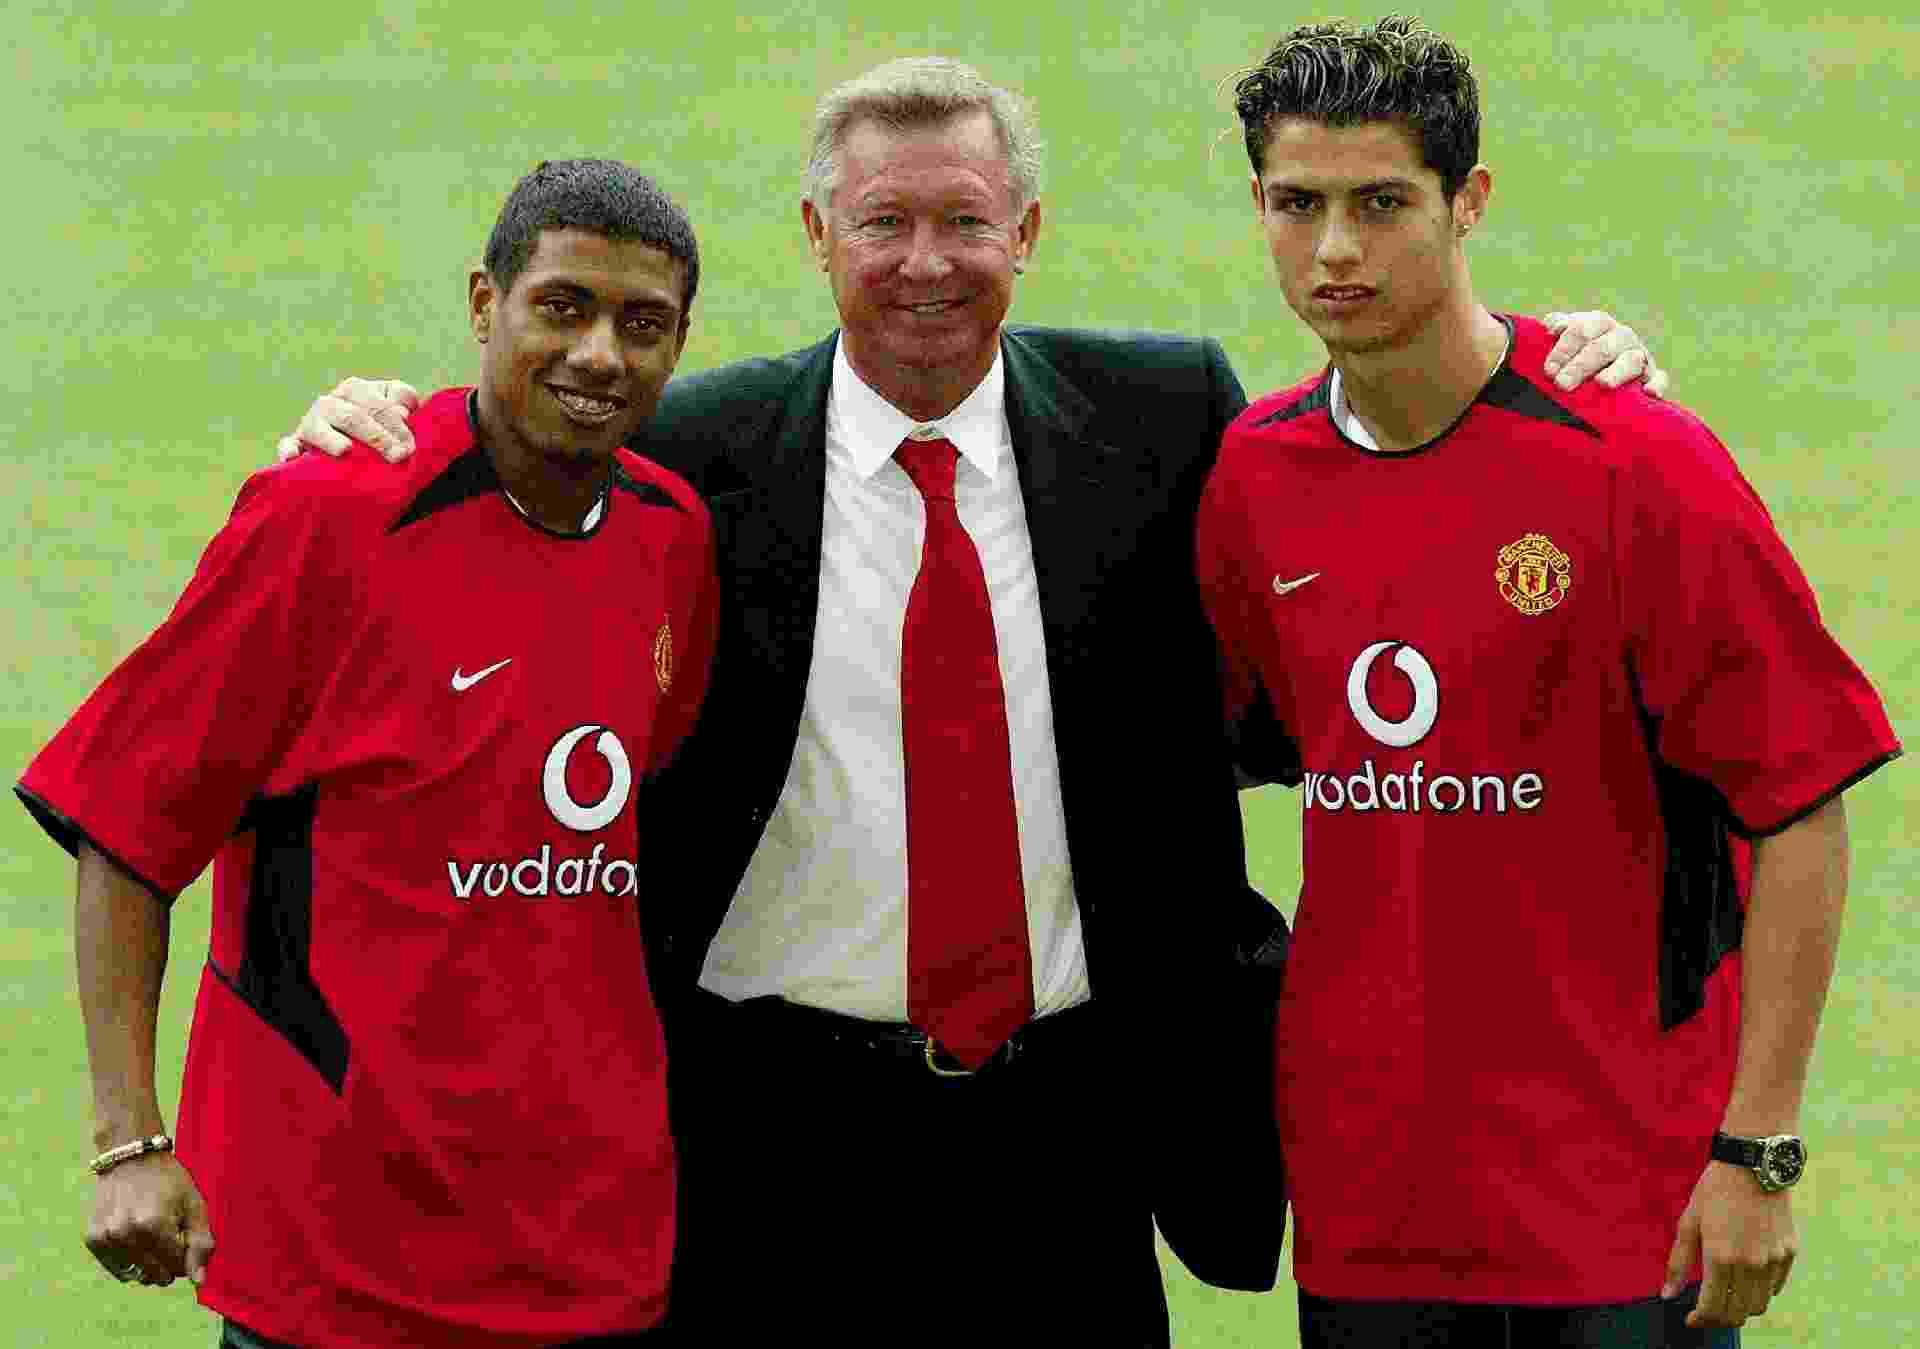 Kleberson posa ao lado de Alex Ferguson e Cristiano Ronaldo, na apresentação de ambos ao Manchester United - undefined